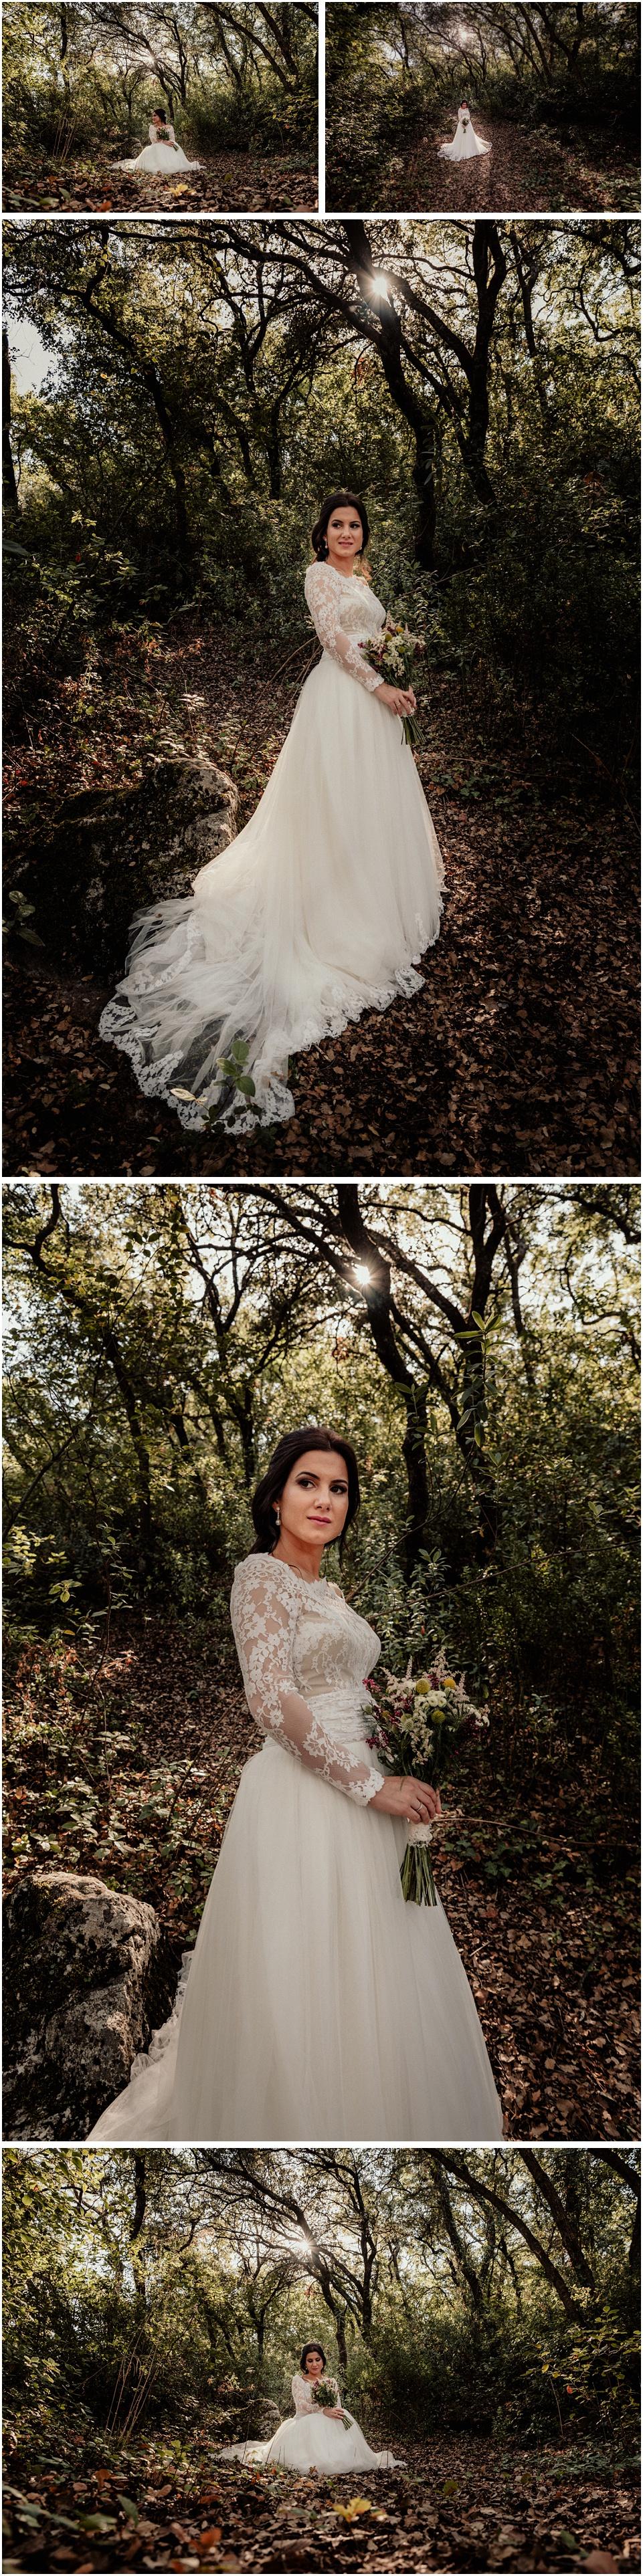 Postboda,Trash the Dress de angel y maria,Trash the dress,fotografia de boda,fotografo de boda,fotografos de boda en jaen,fotografos de bodas,postboda en jaen,